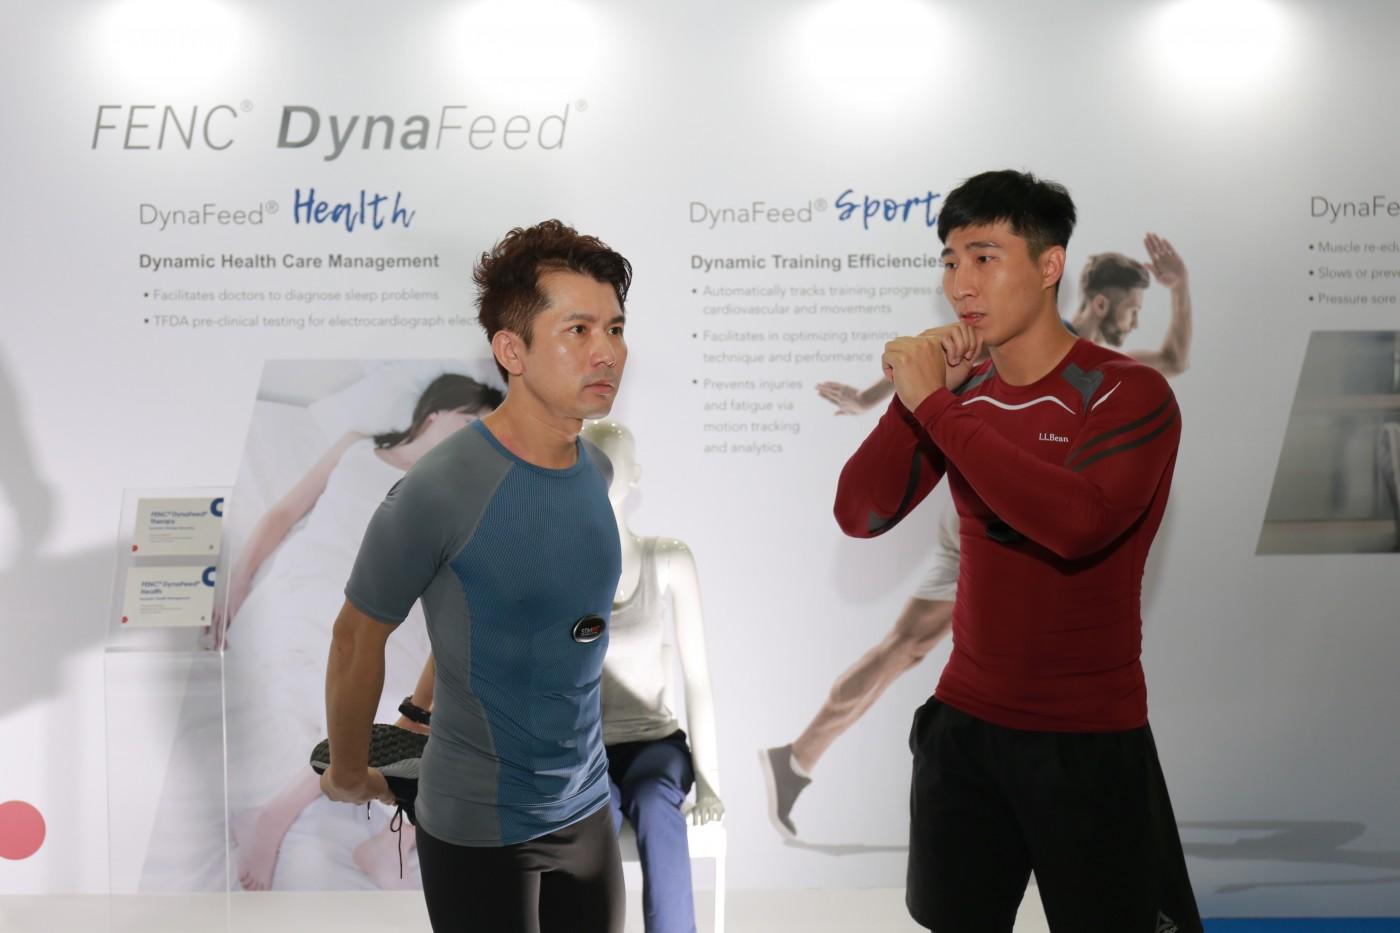 紡織業新亮點!遠東新推首款智慧衣,瞄準運動、醫療市場